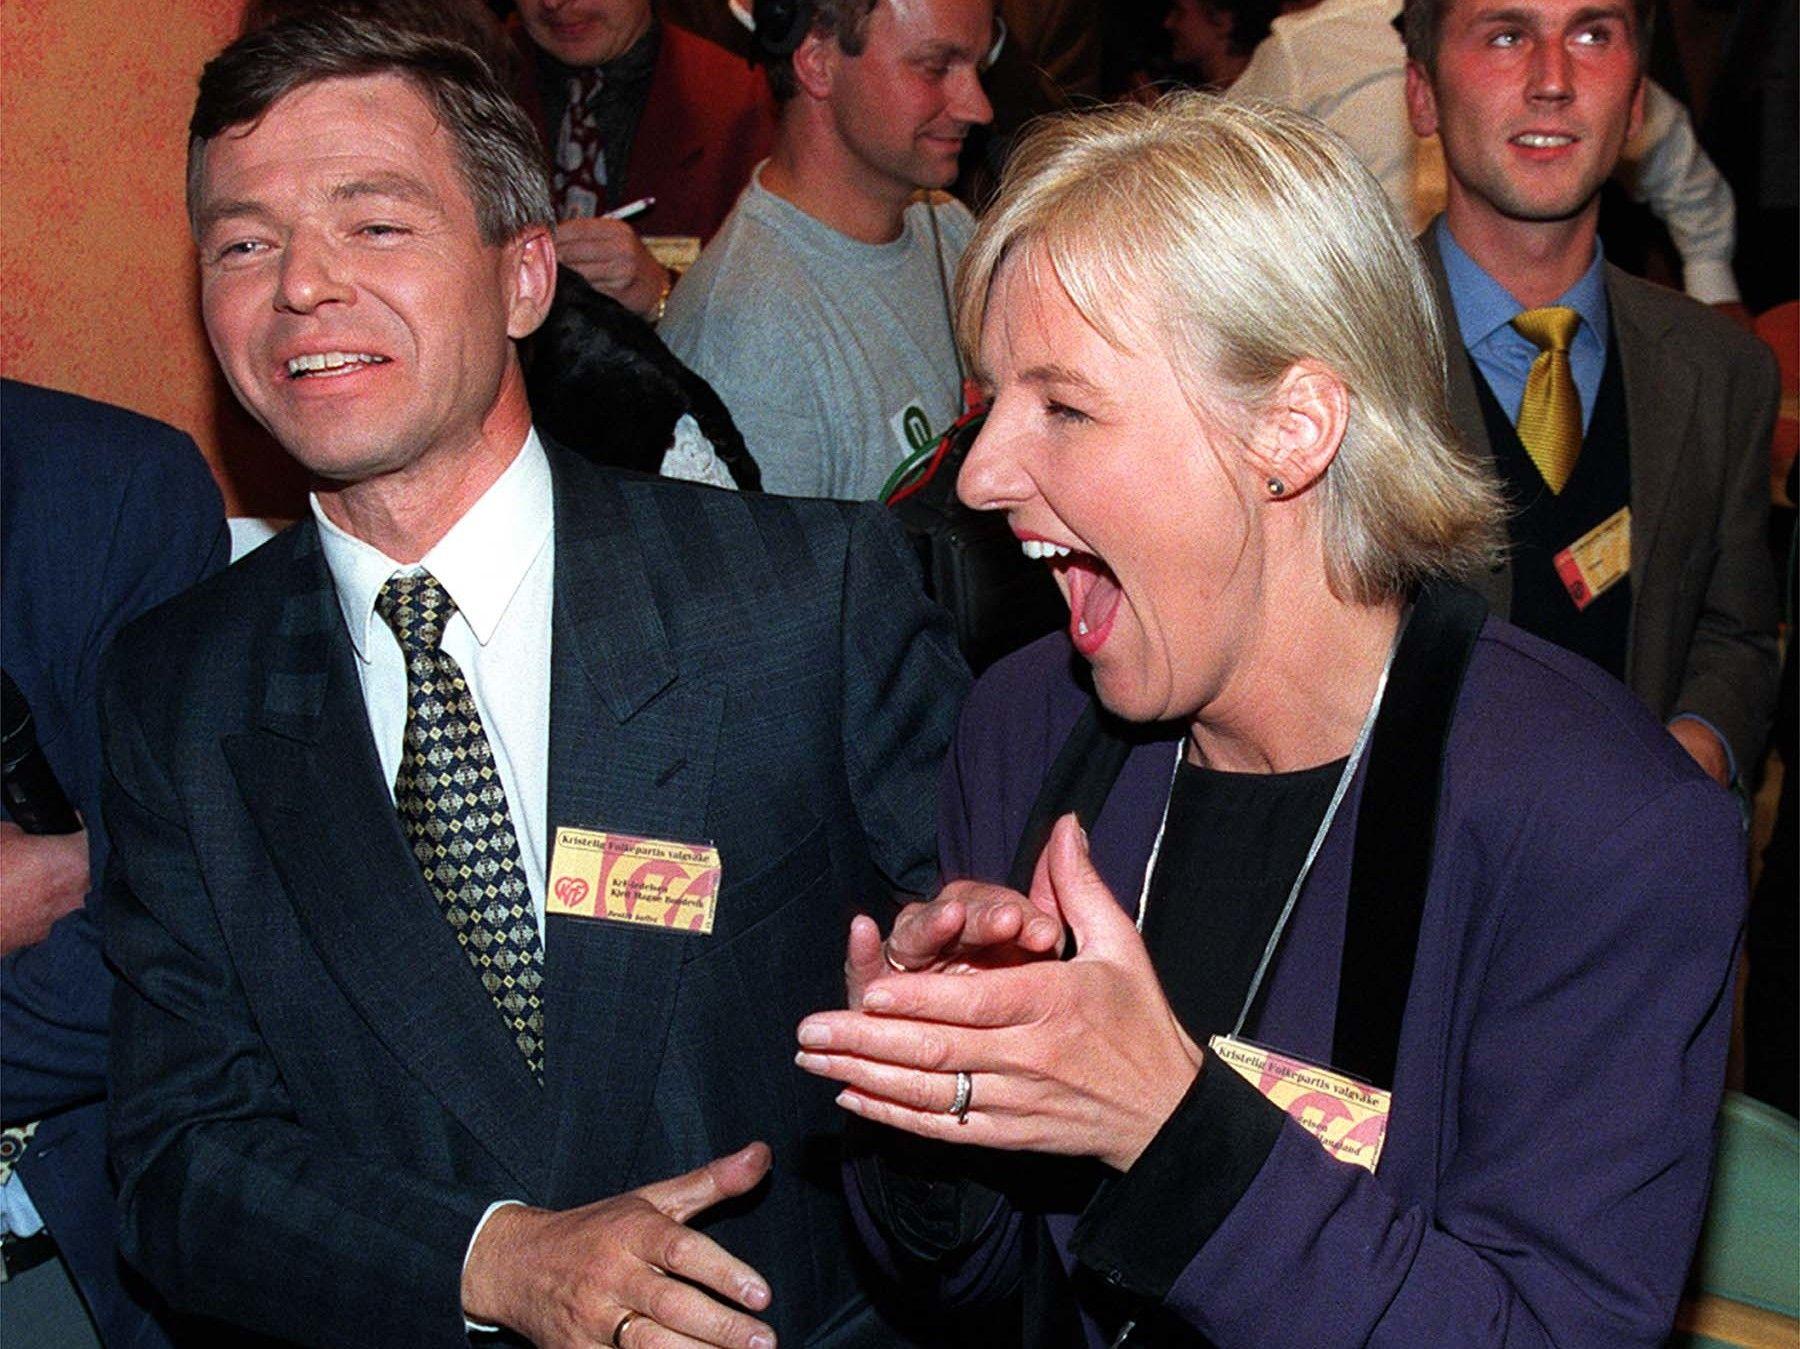 Valgerd Svarstad Haugland var KrF-leder da partiet ved stortingsvalget i 1997 fikk nesten 14 prosent oppslutning. Her med Kjell Magne Bondevik, statsminister i to KrF-ledede regjeringer.